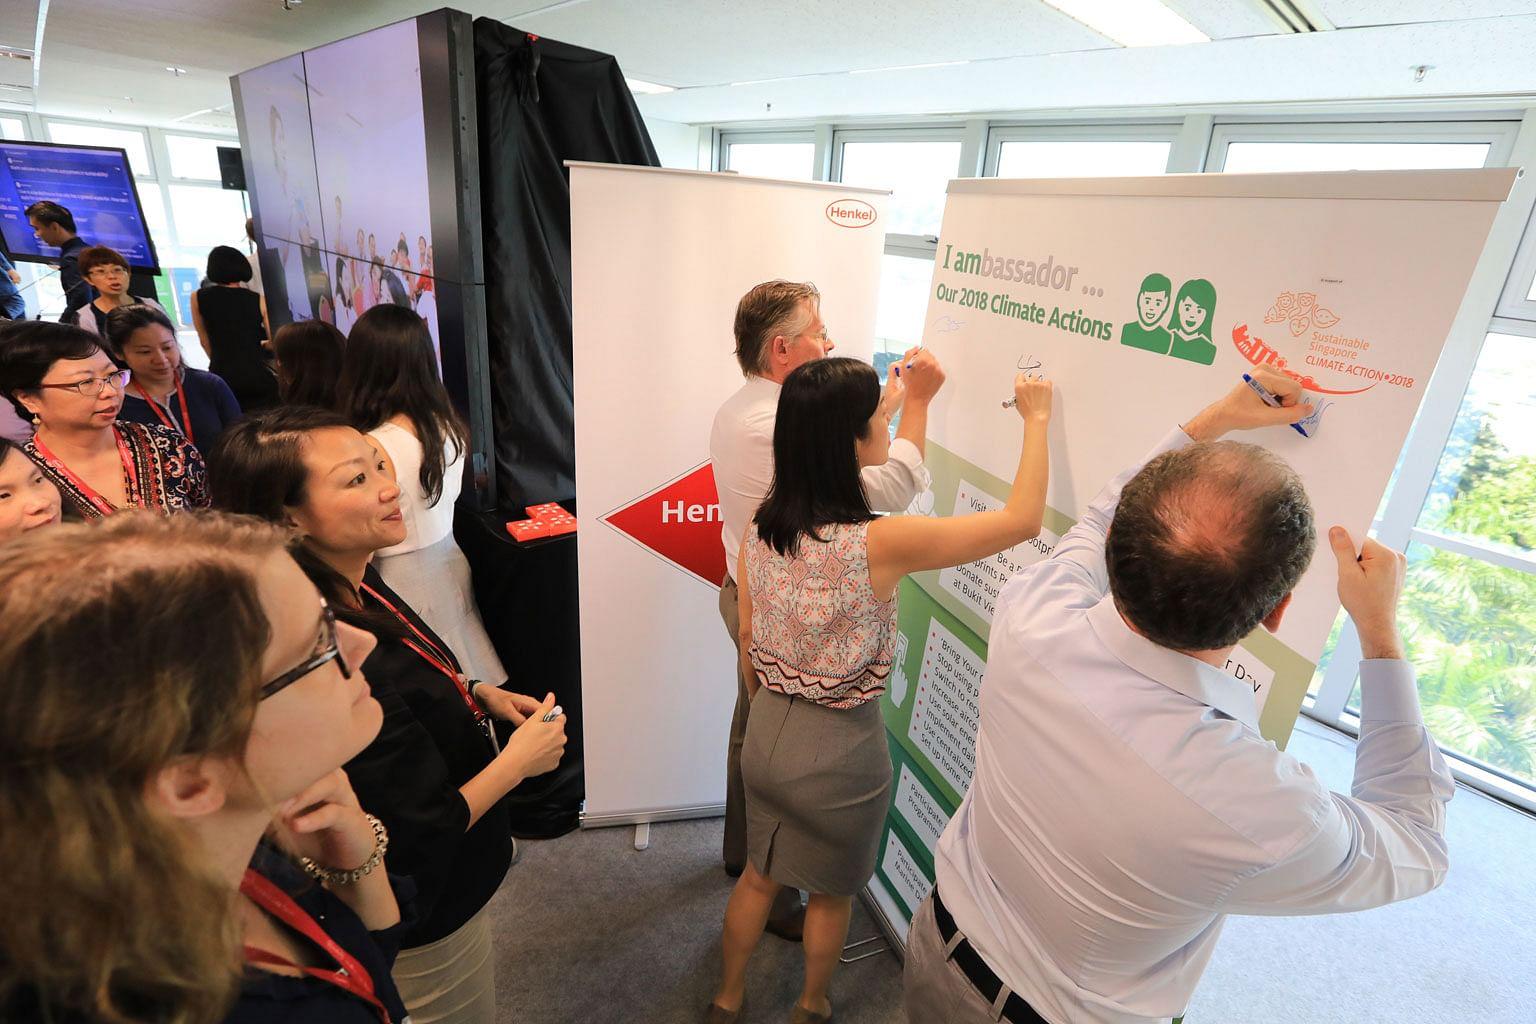 Kakitangan syarikat Henkel Singapore ikrar pulihara alam sekitar